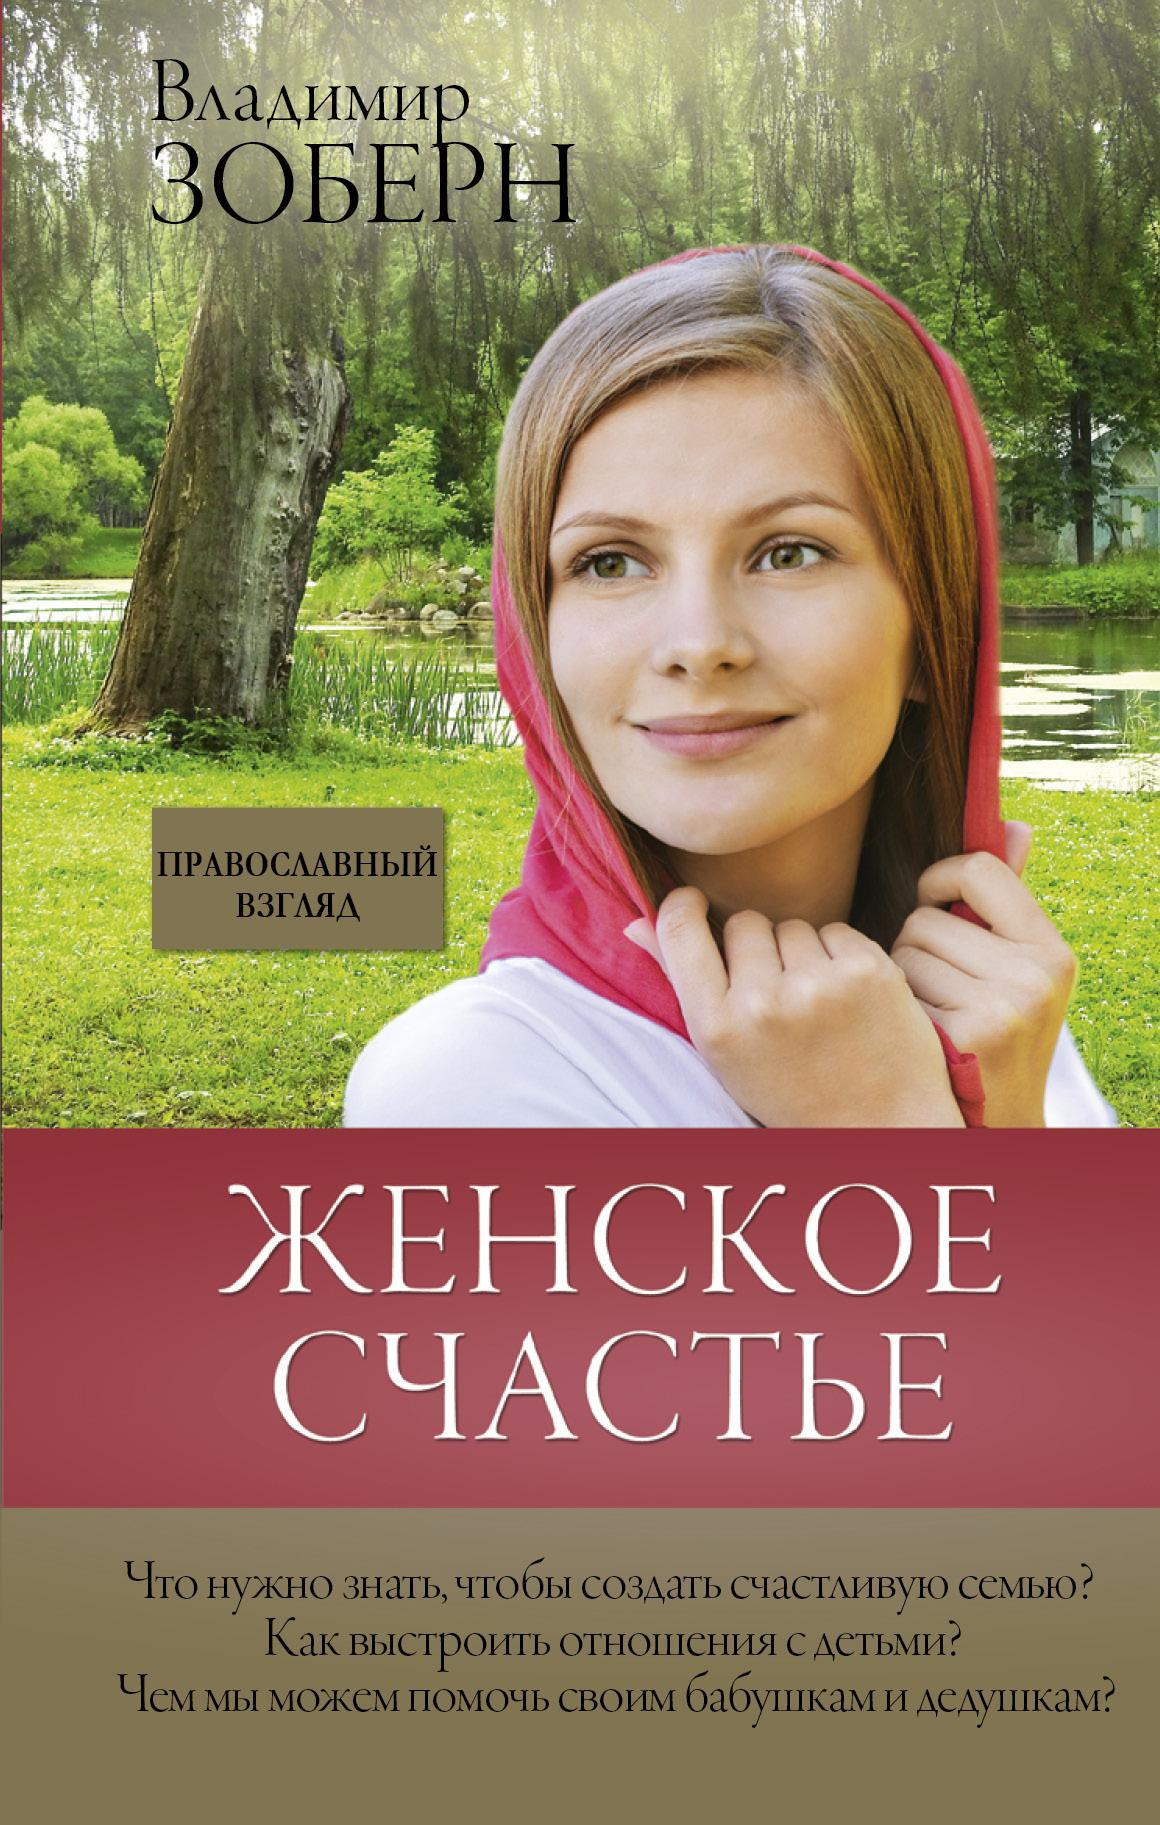 Обложка книги Женское счастье. Православный взгляд, автор Владимир Зоберн